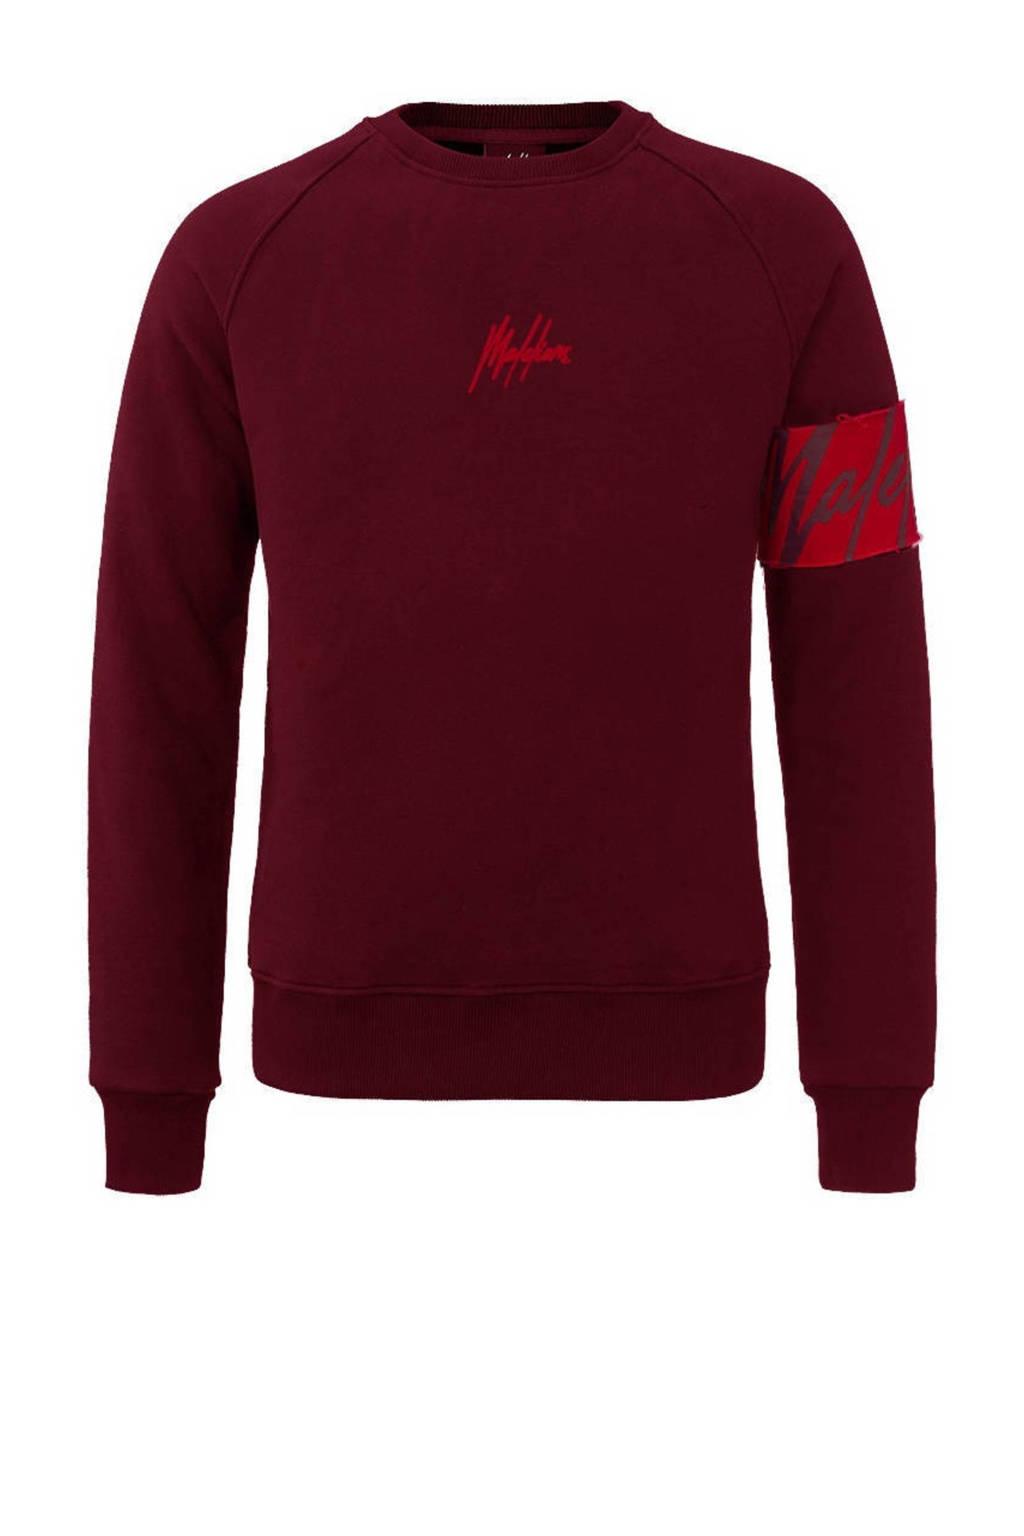 Malelions sweater met logo donkerrood/rood, Donkerrood/rood